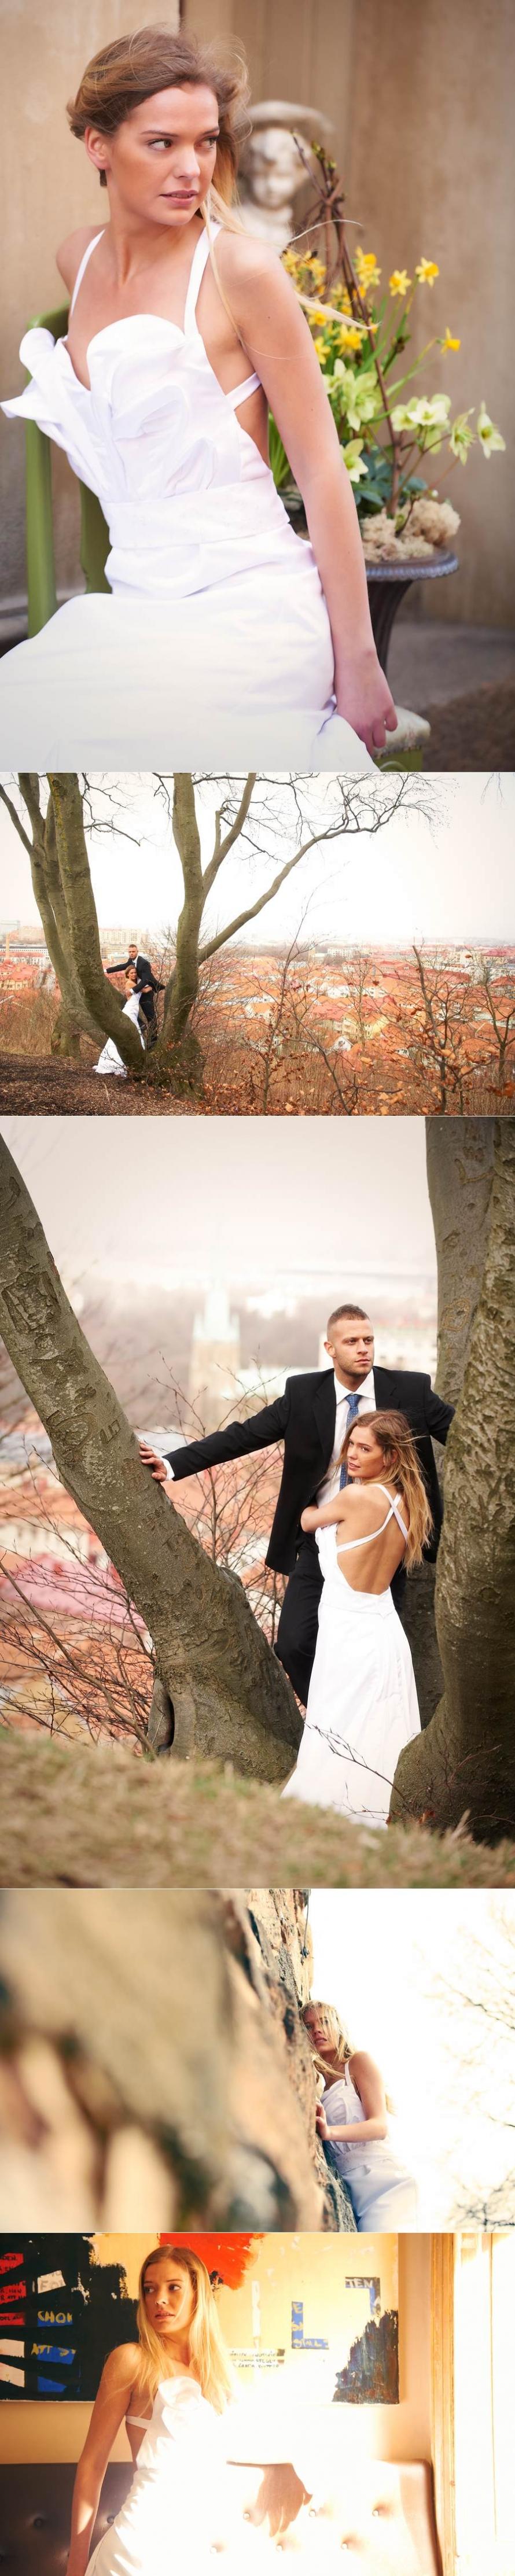 Sun Sara wedding photos 03